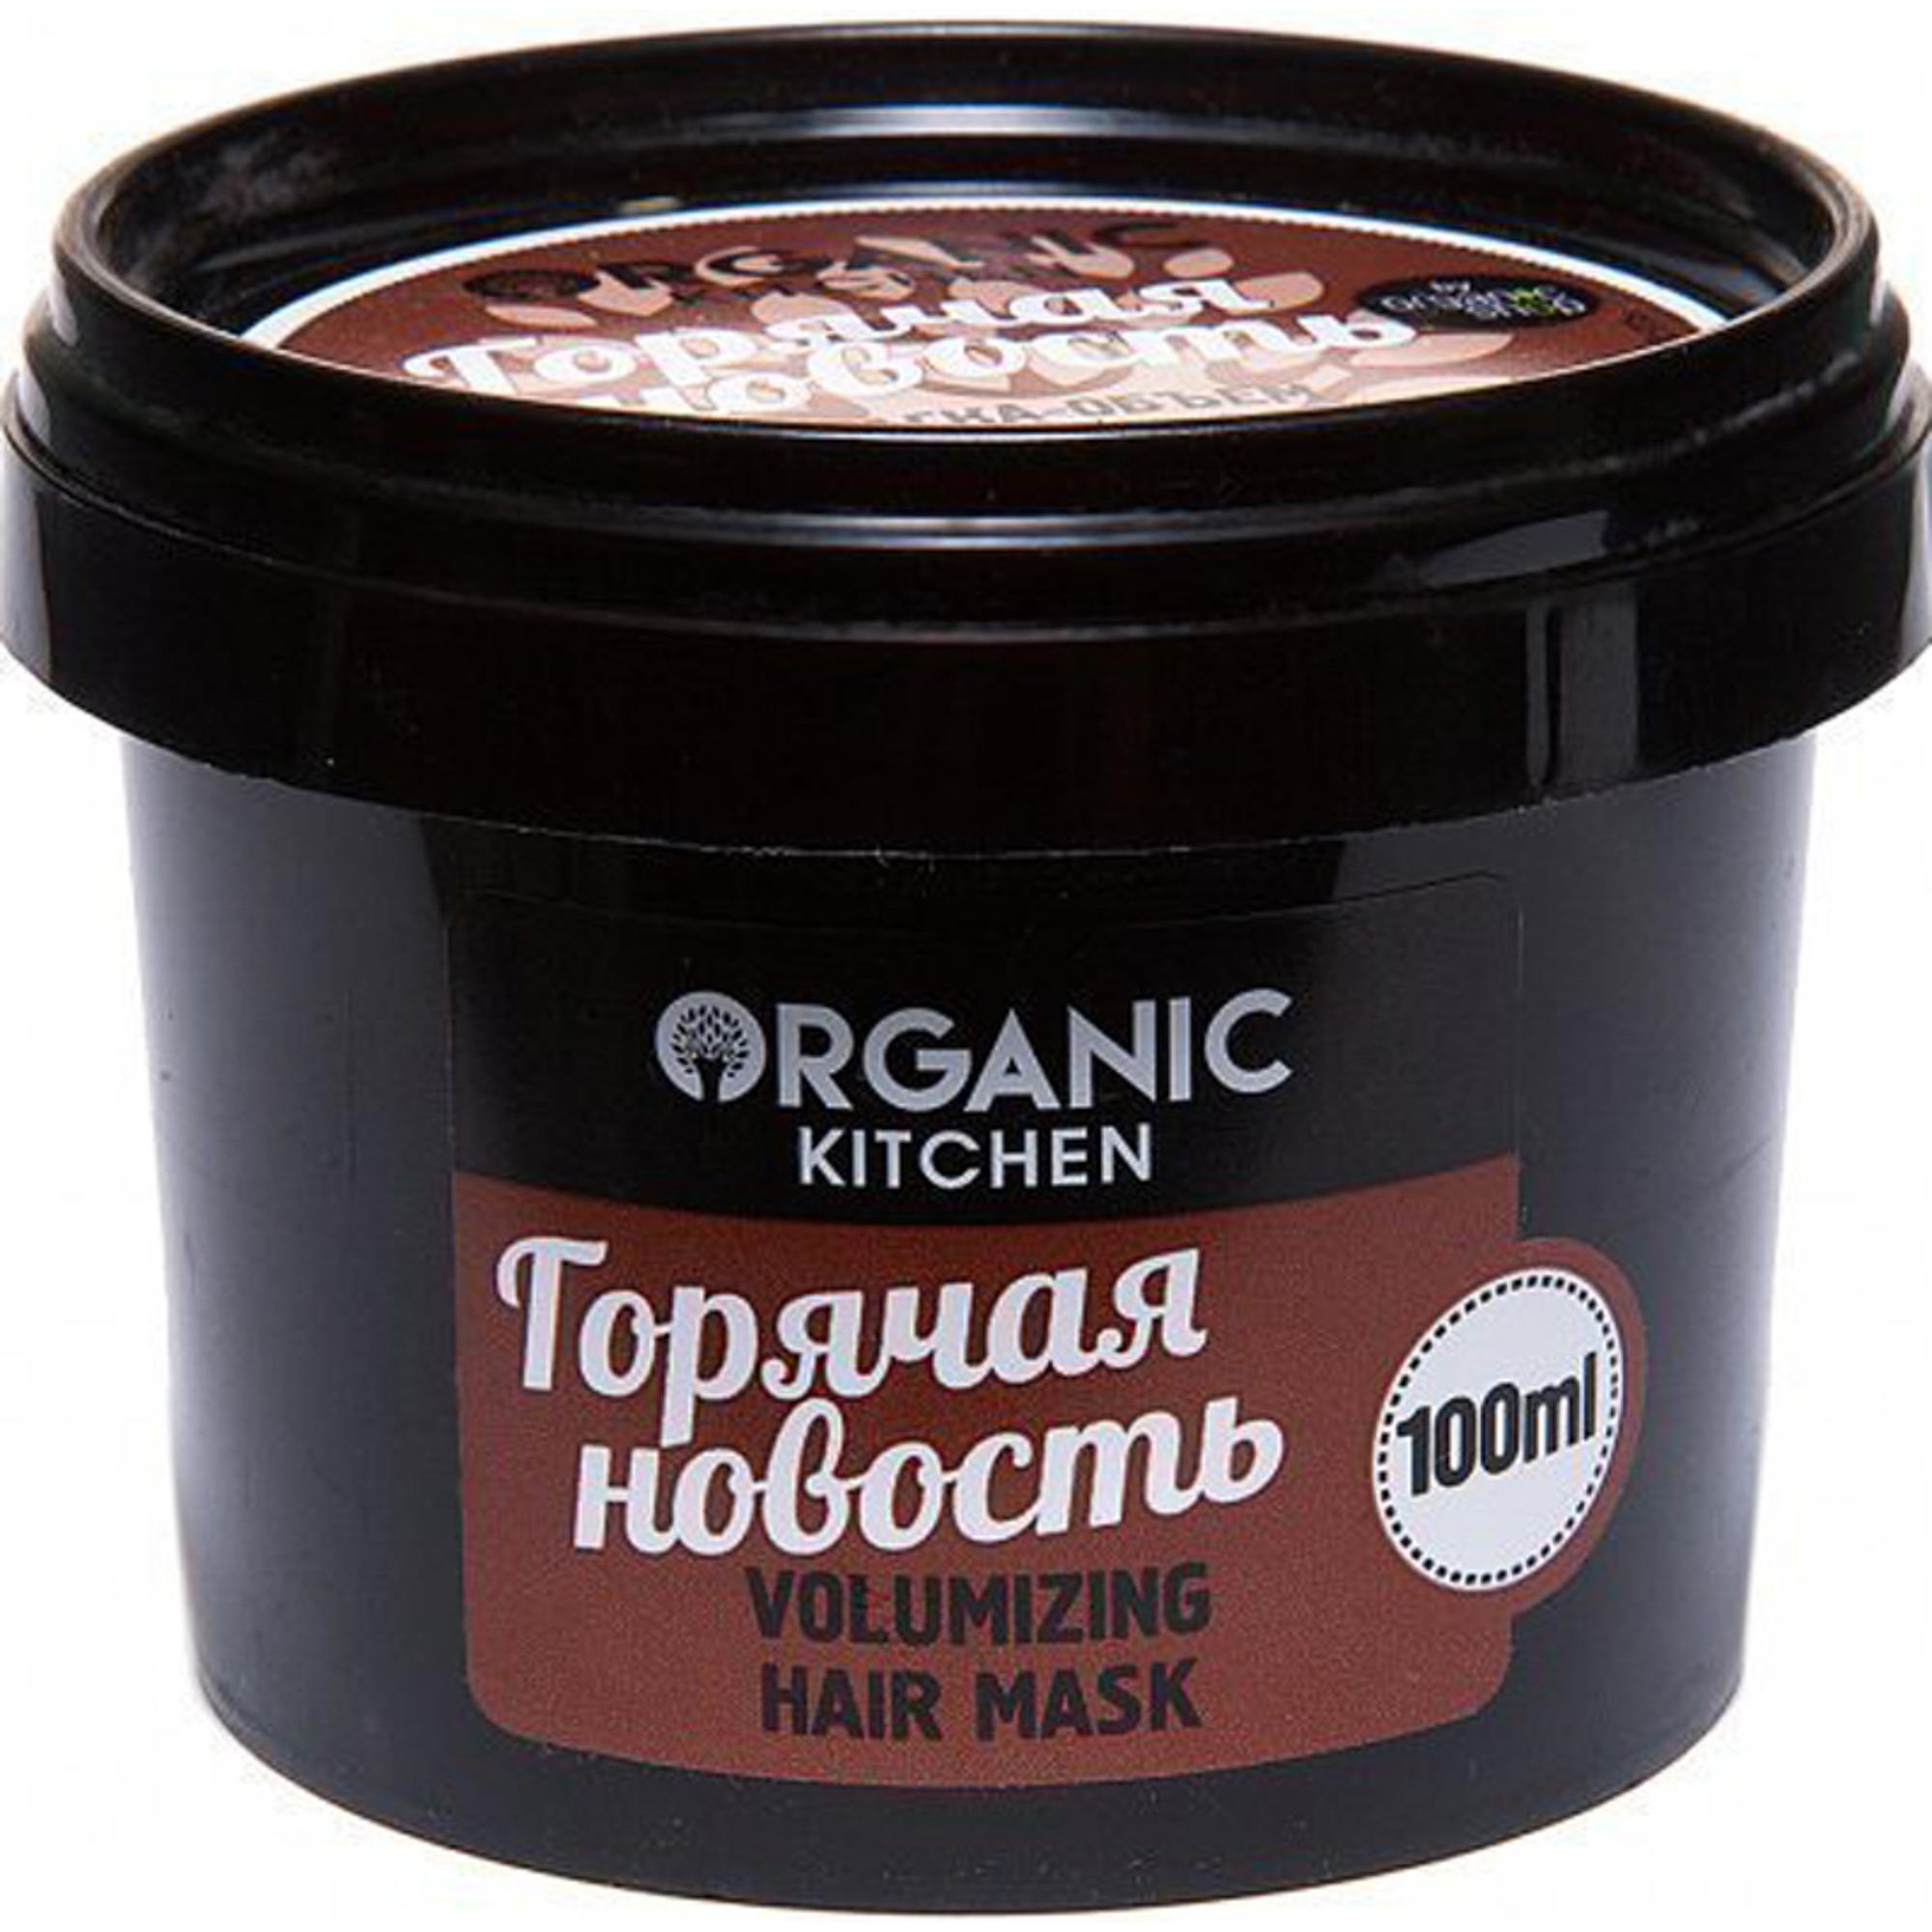 Маска-объем для волос Organic Shop Organic Kitchen Горячая новость 100 мл organic oil маска для всех